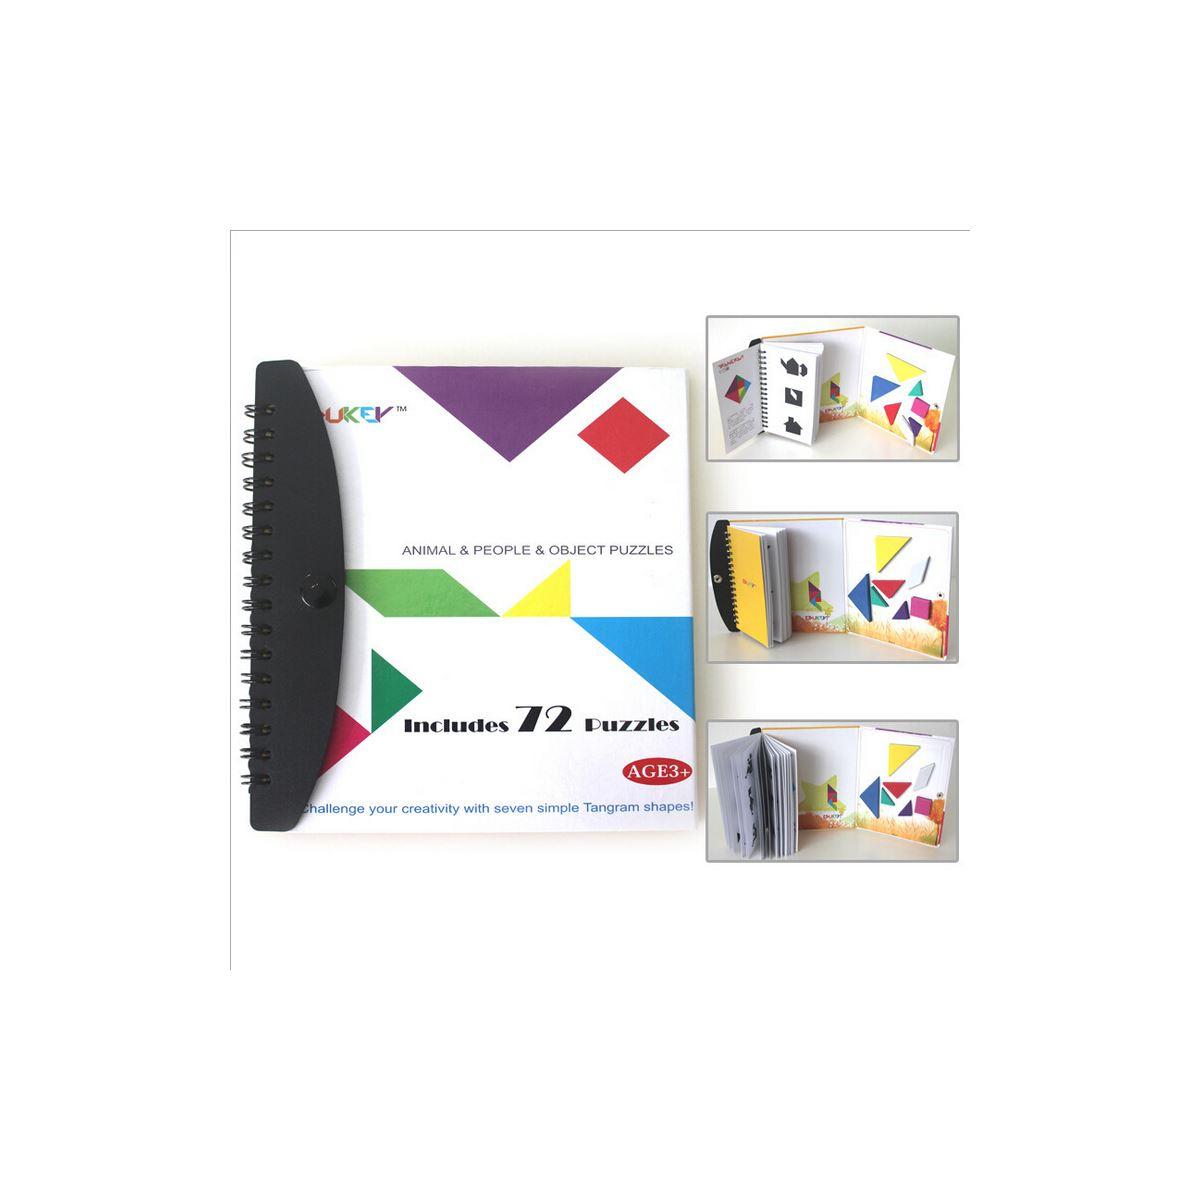 Yetenek Geliştiren Ürünler Diy Toy 6950139280009 Edukey Manyetik Şekiller  Eşleştirme Kitabı (Mental Gelişim Destek) Tangram Puzzle Aynı Gün Kargo dedans Tangram Simple